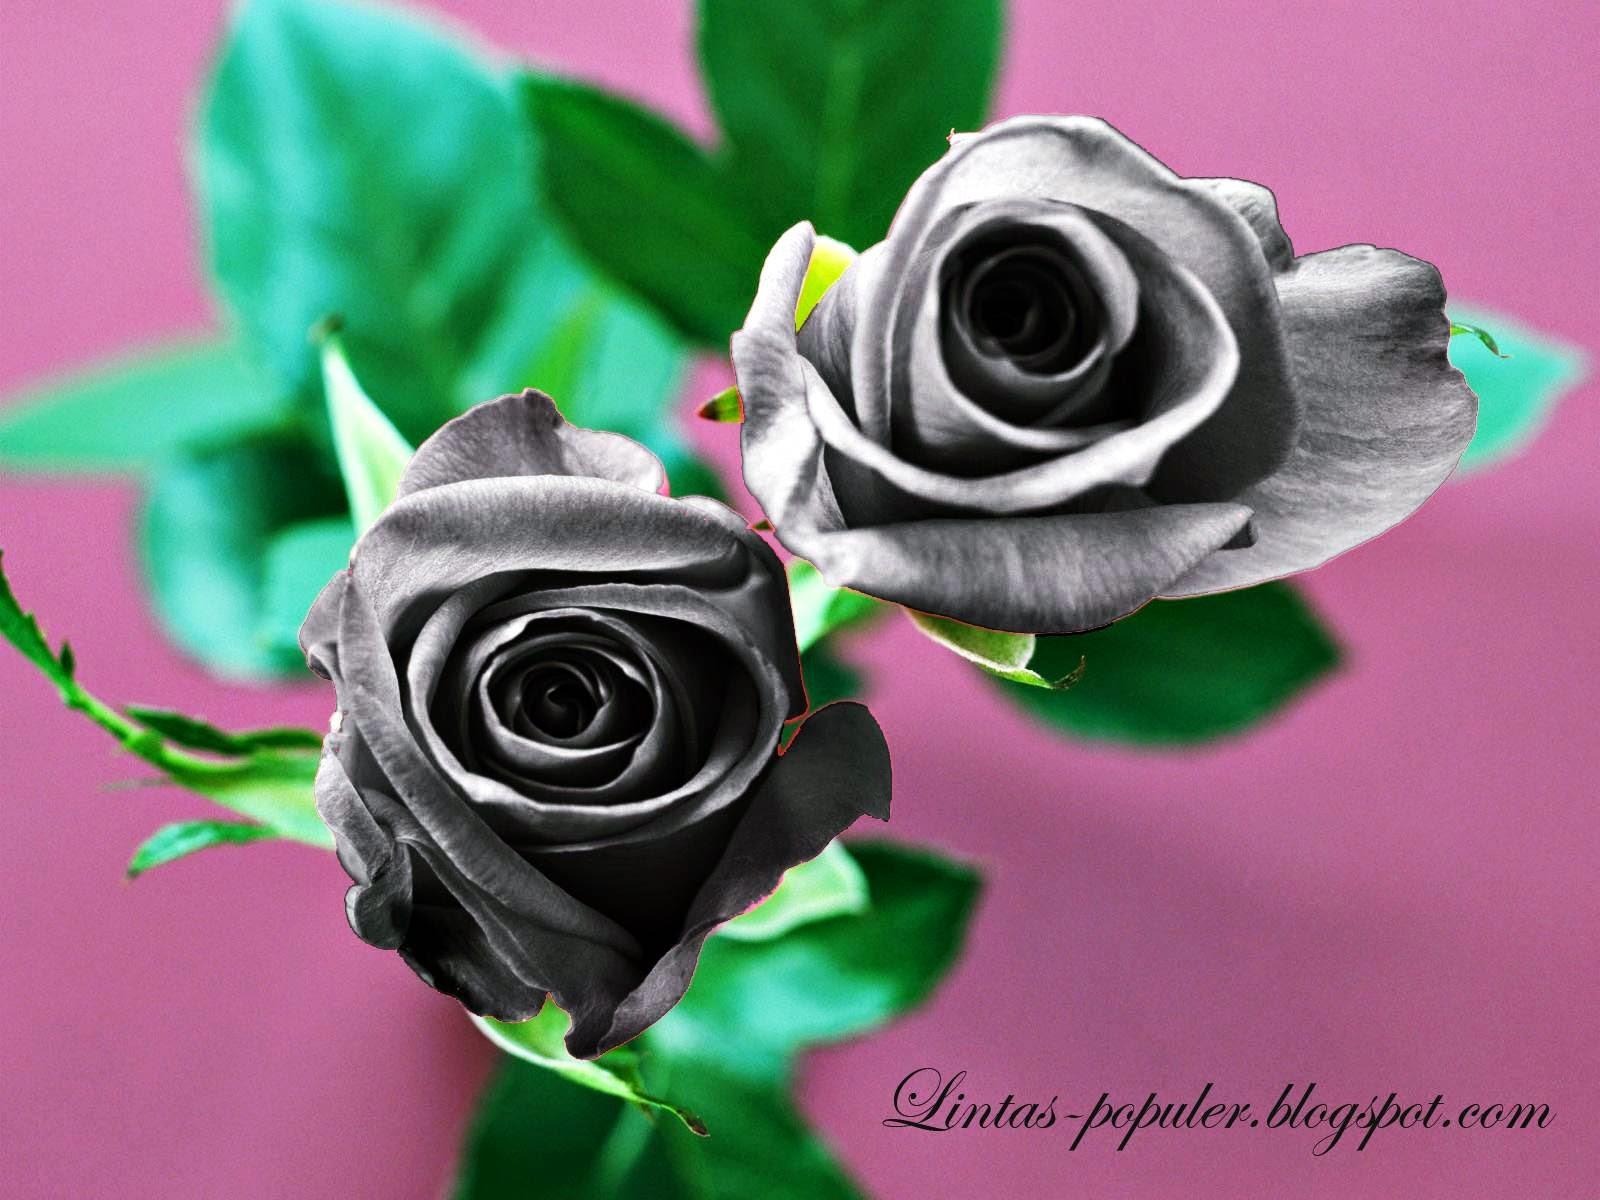 Gambar Wallpaper Bunga Mawar Hitam Cantik Caption Instagram